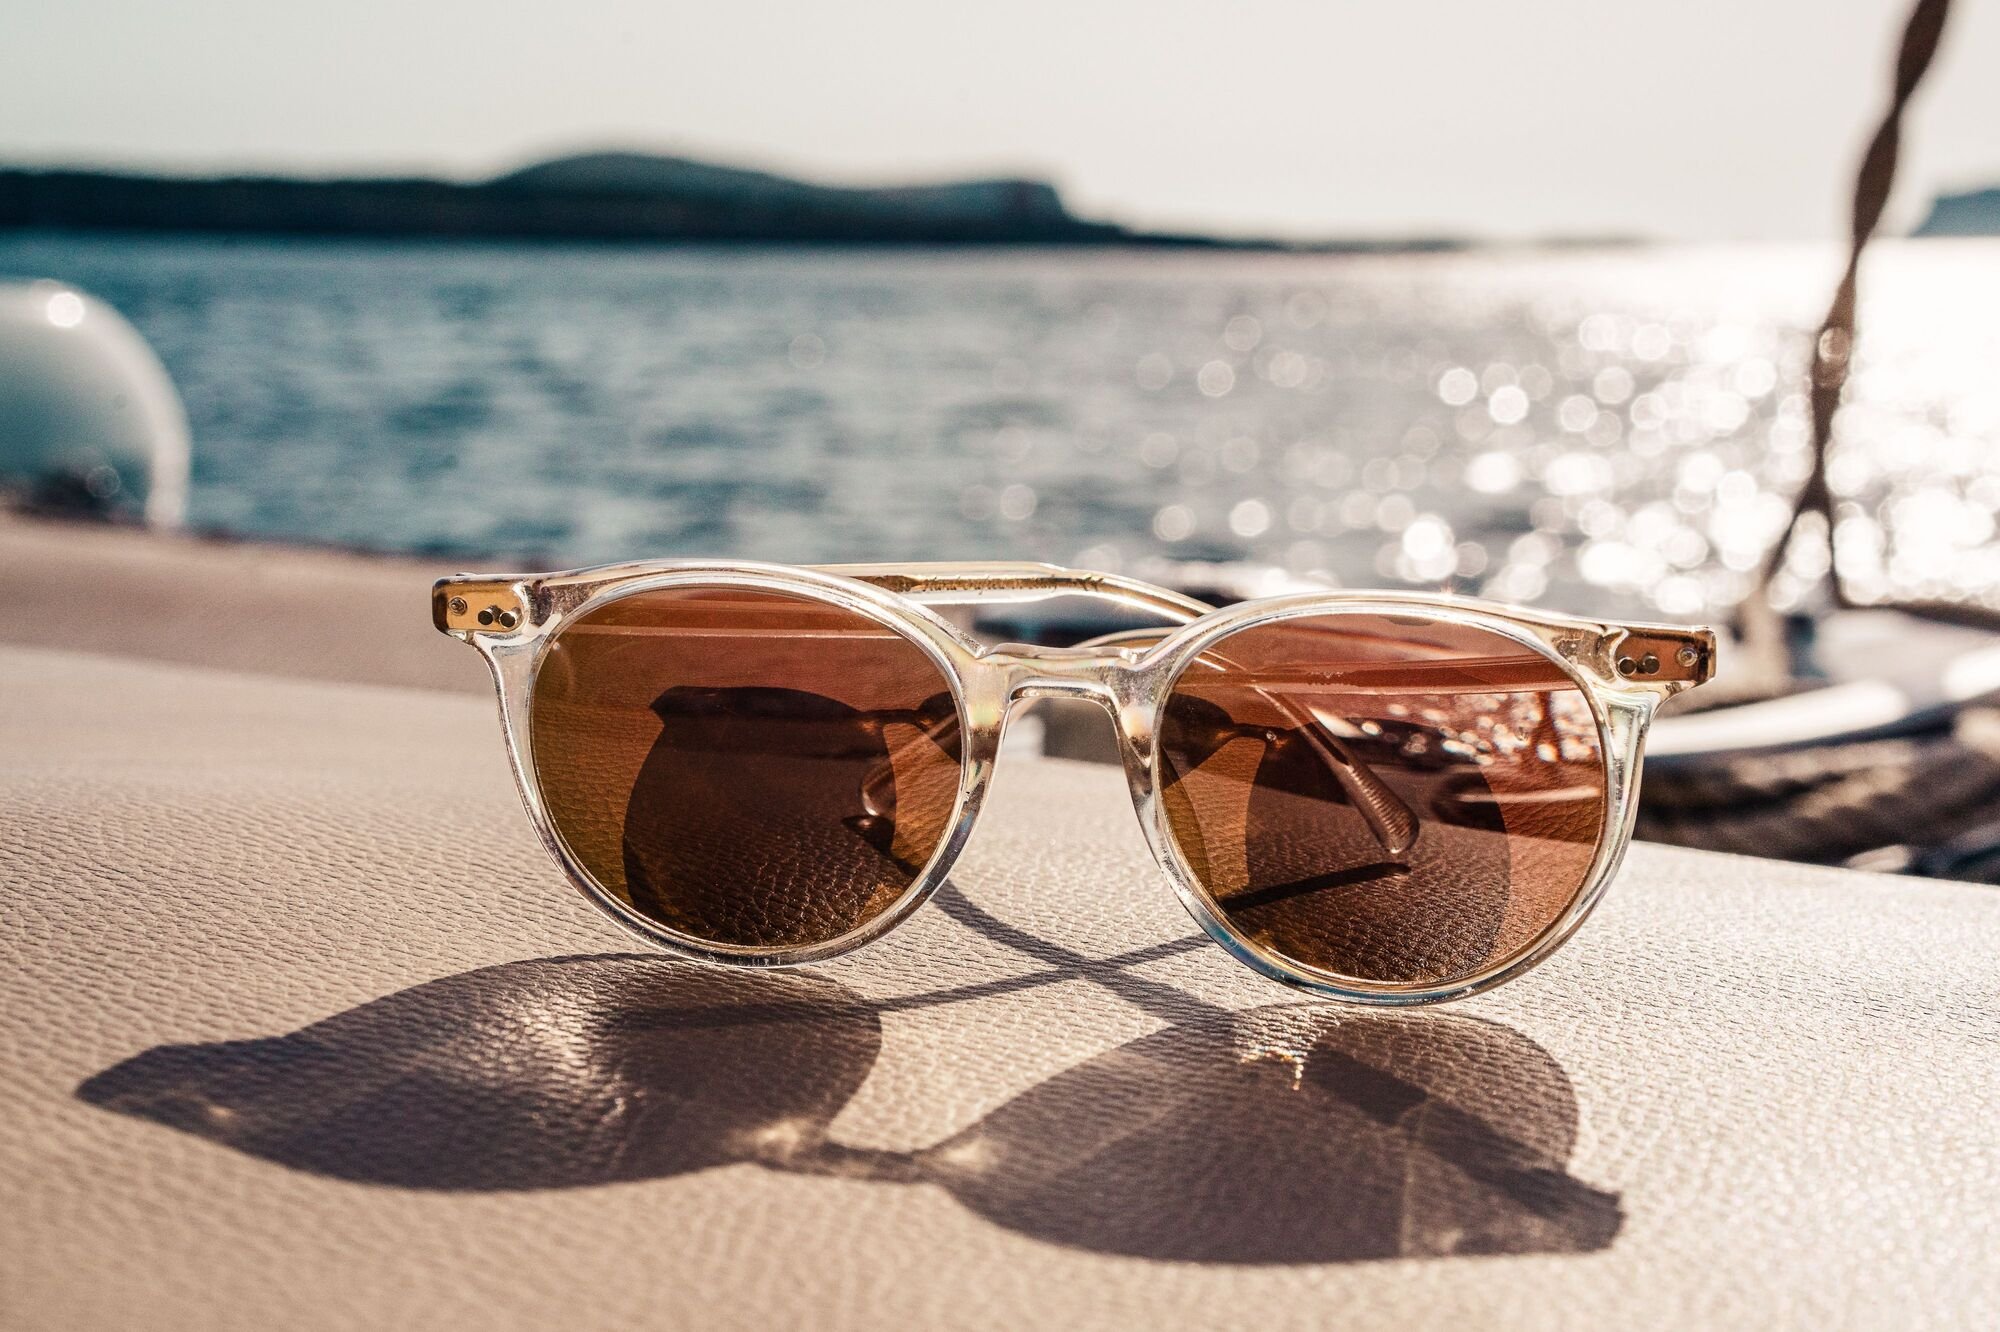 Como funciona a proteção ultravioleta nos óculos?